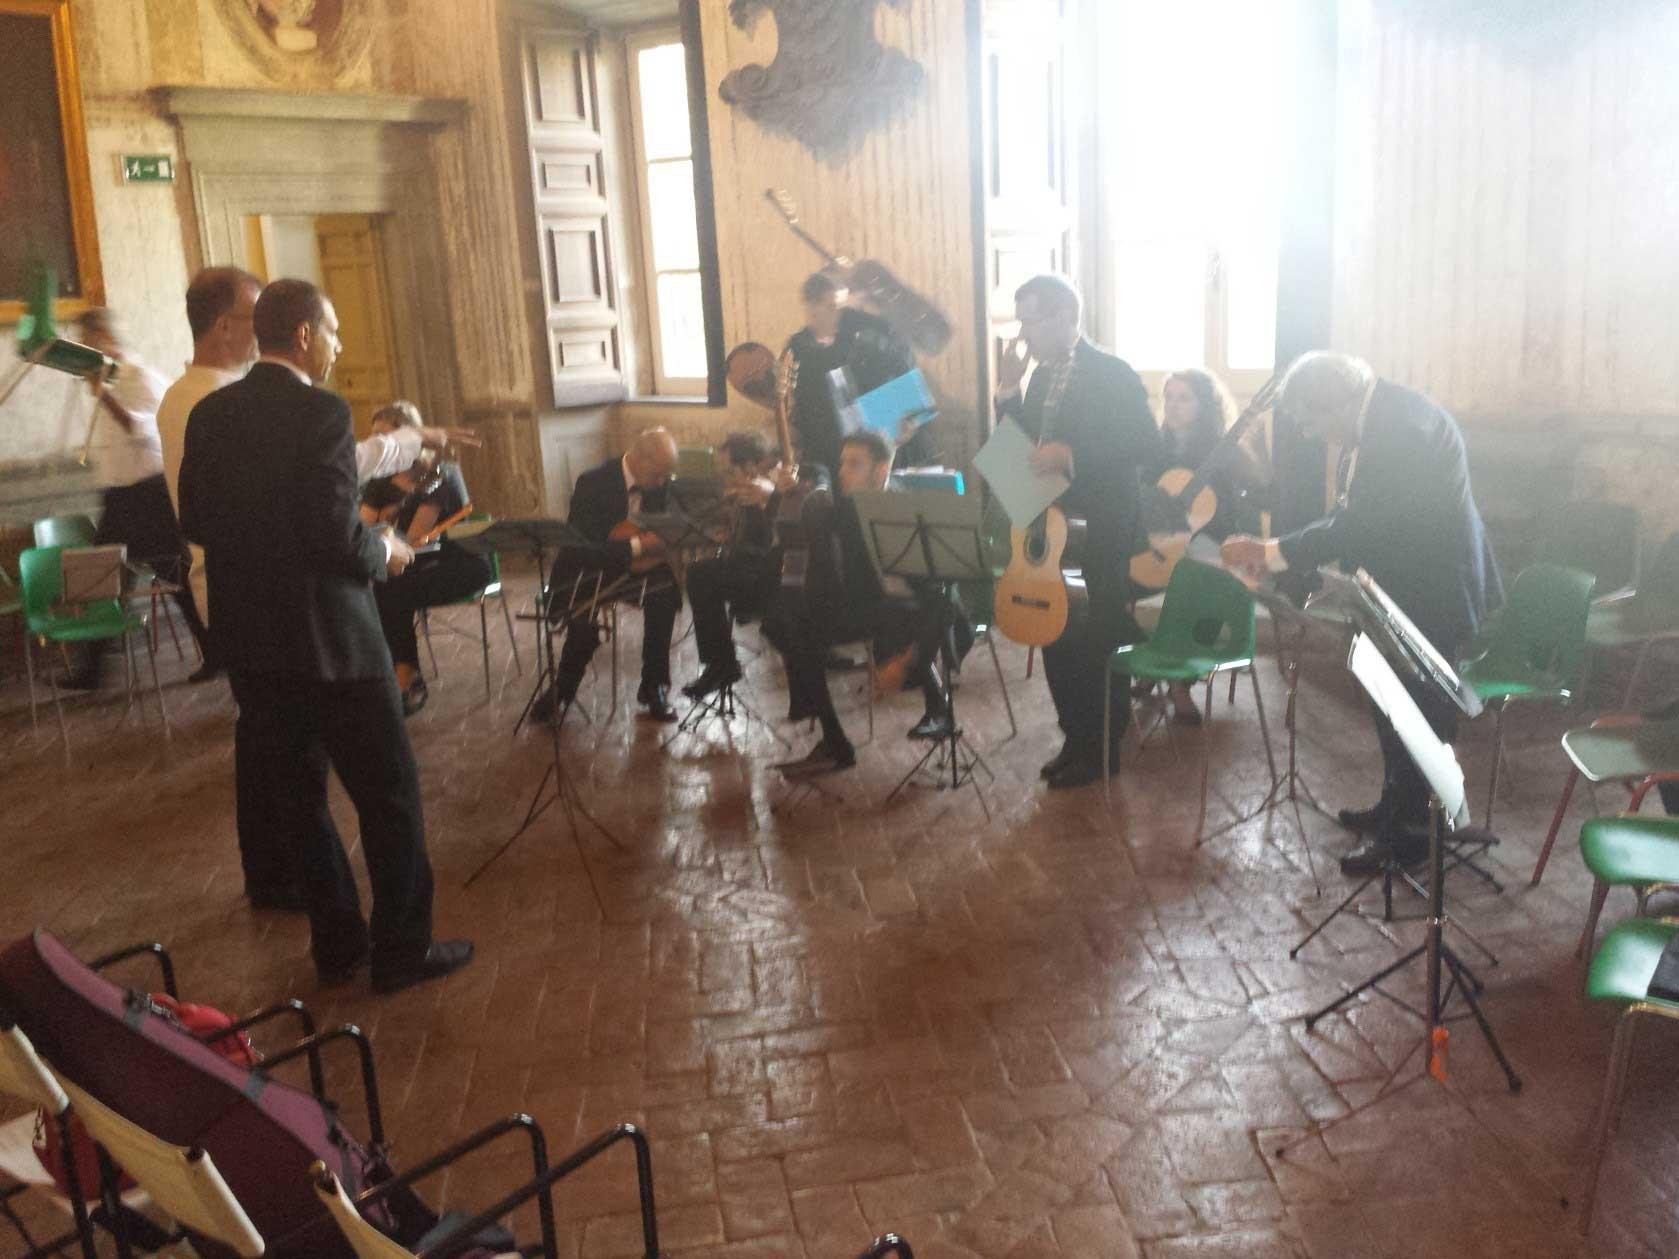 Oriolo Romano - 12/10/2014 - Palazzo Altieri - (direttore Giorgio Matteoli)